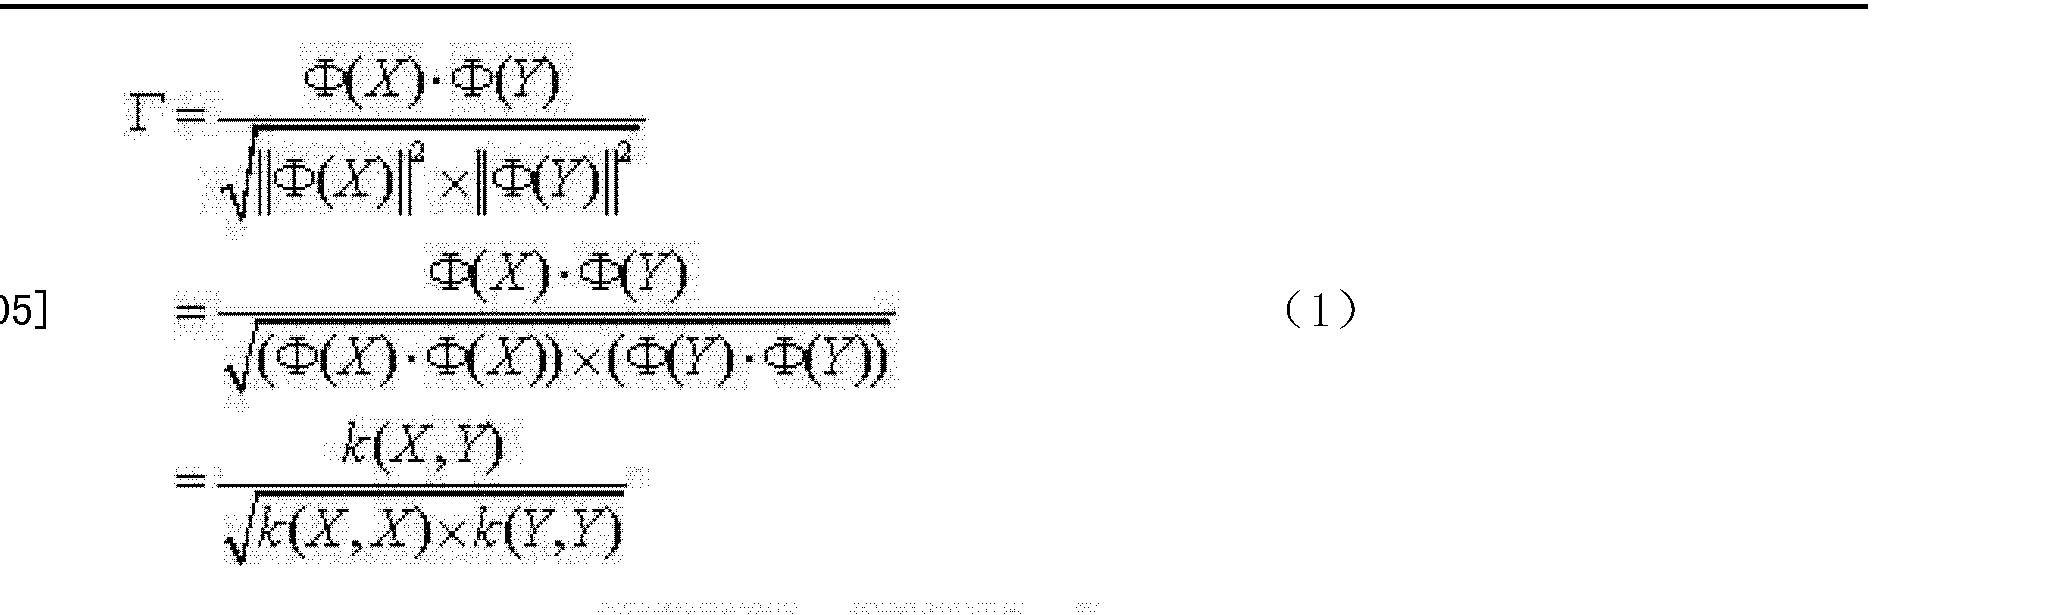 高斯枪原理电路图